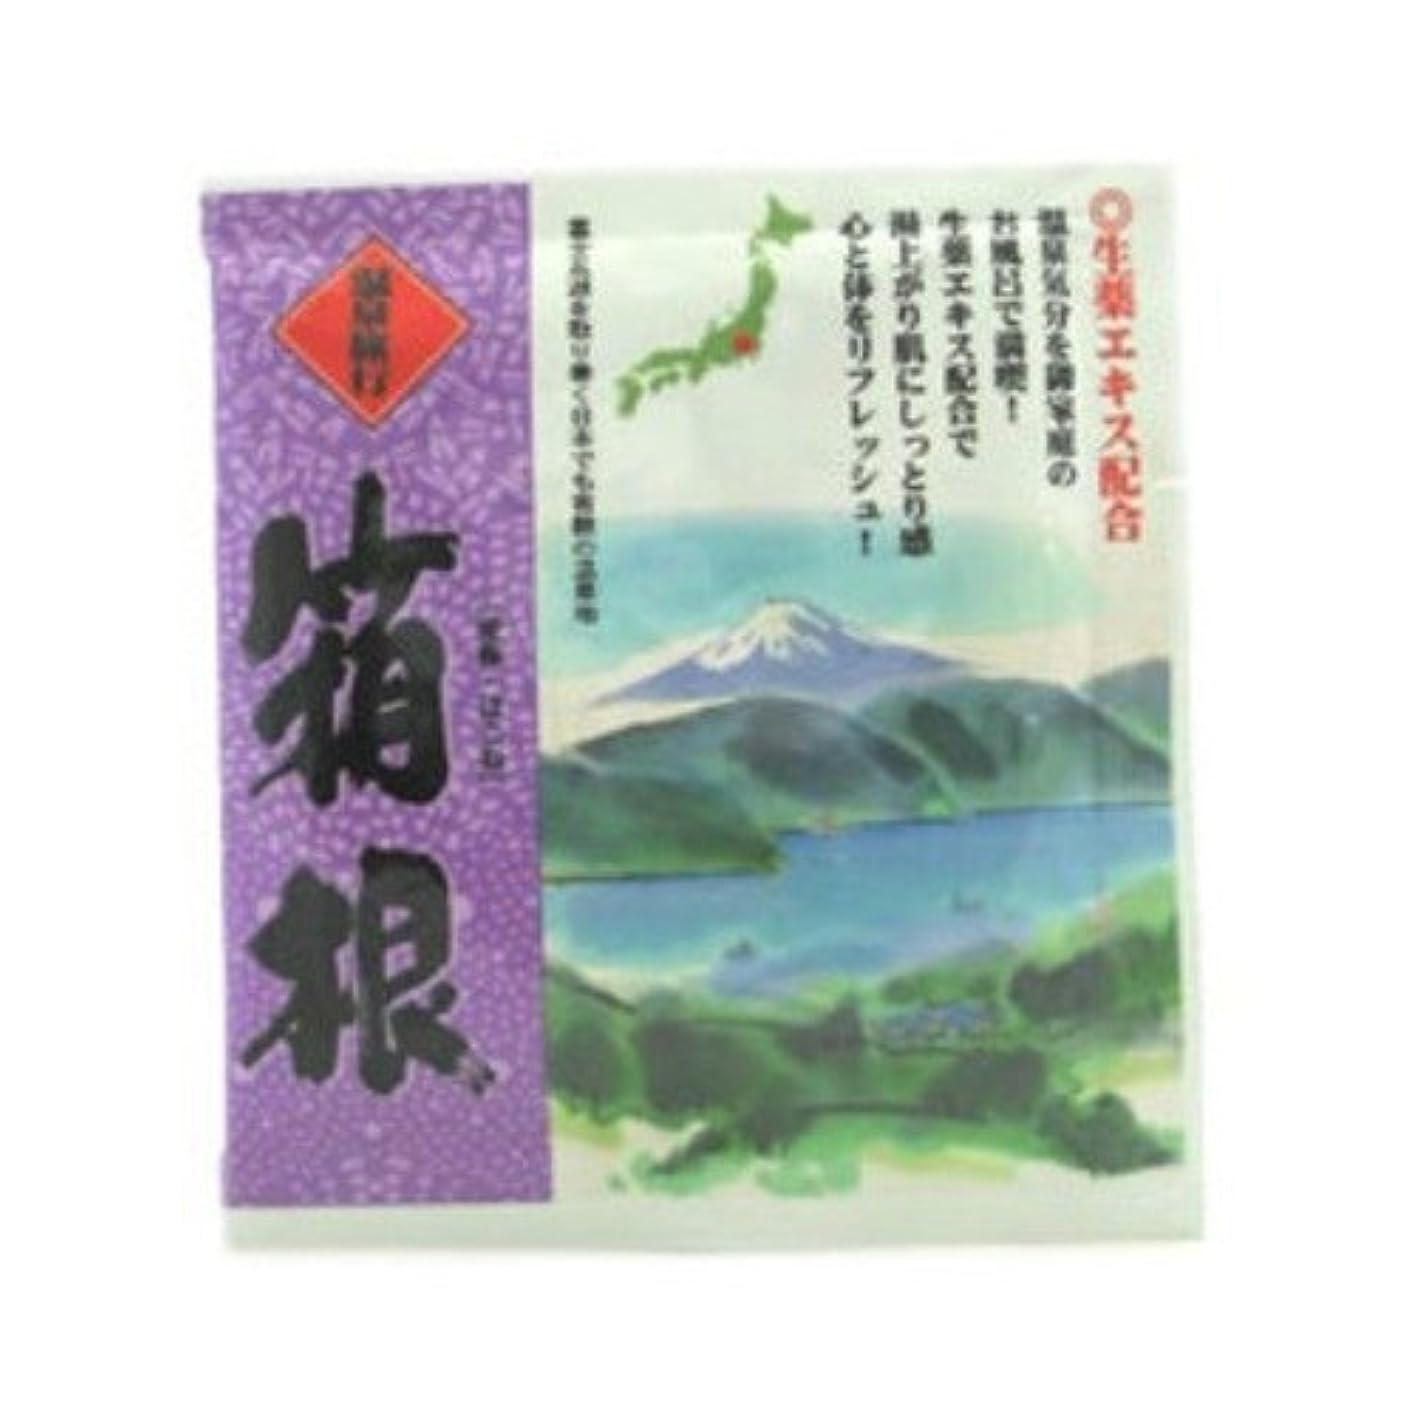 大臣完全にひいきにする五洲薬品 温泉旅行 箱根 25g 4987332128281